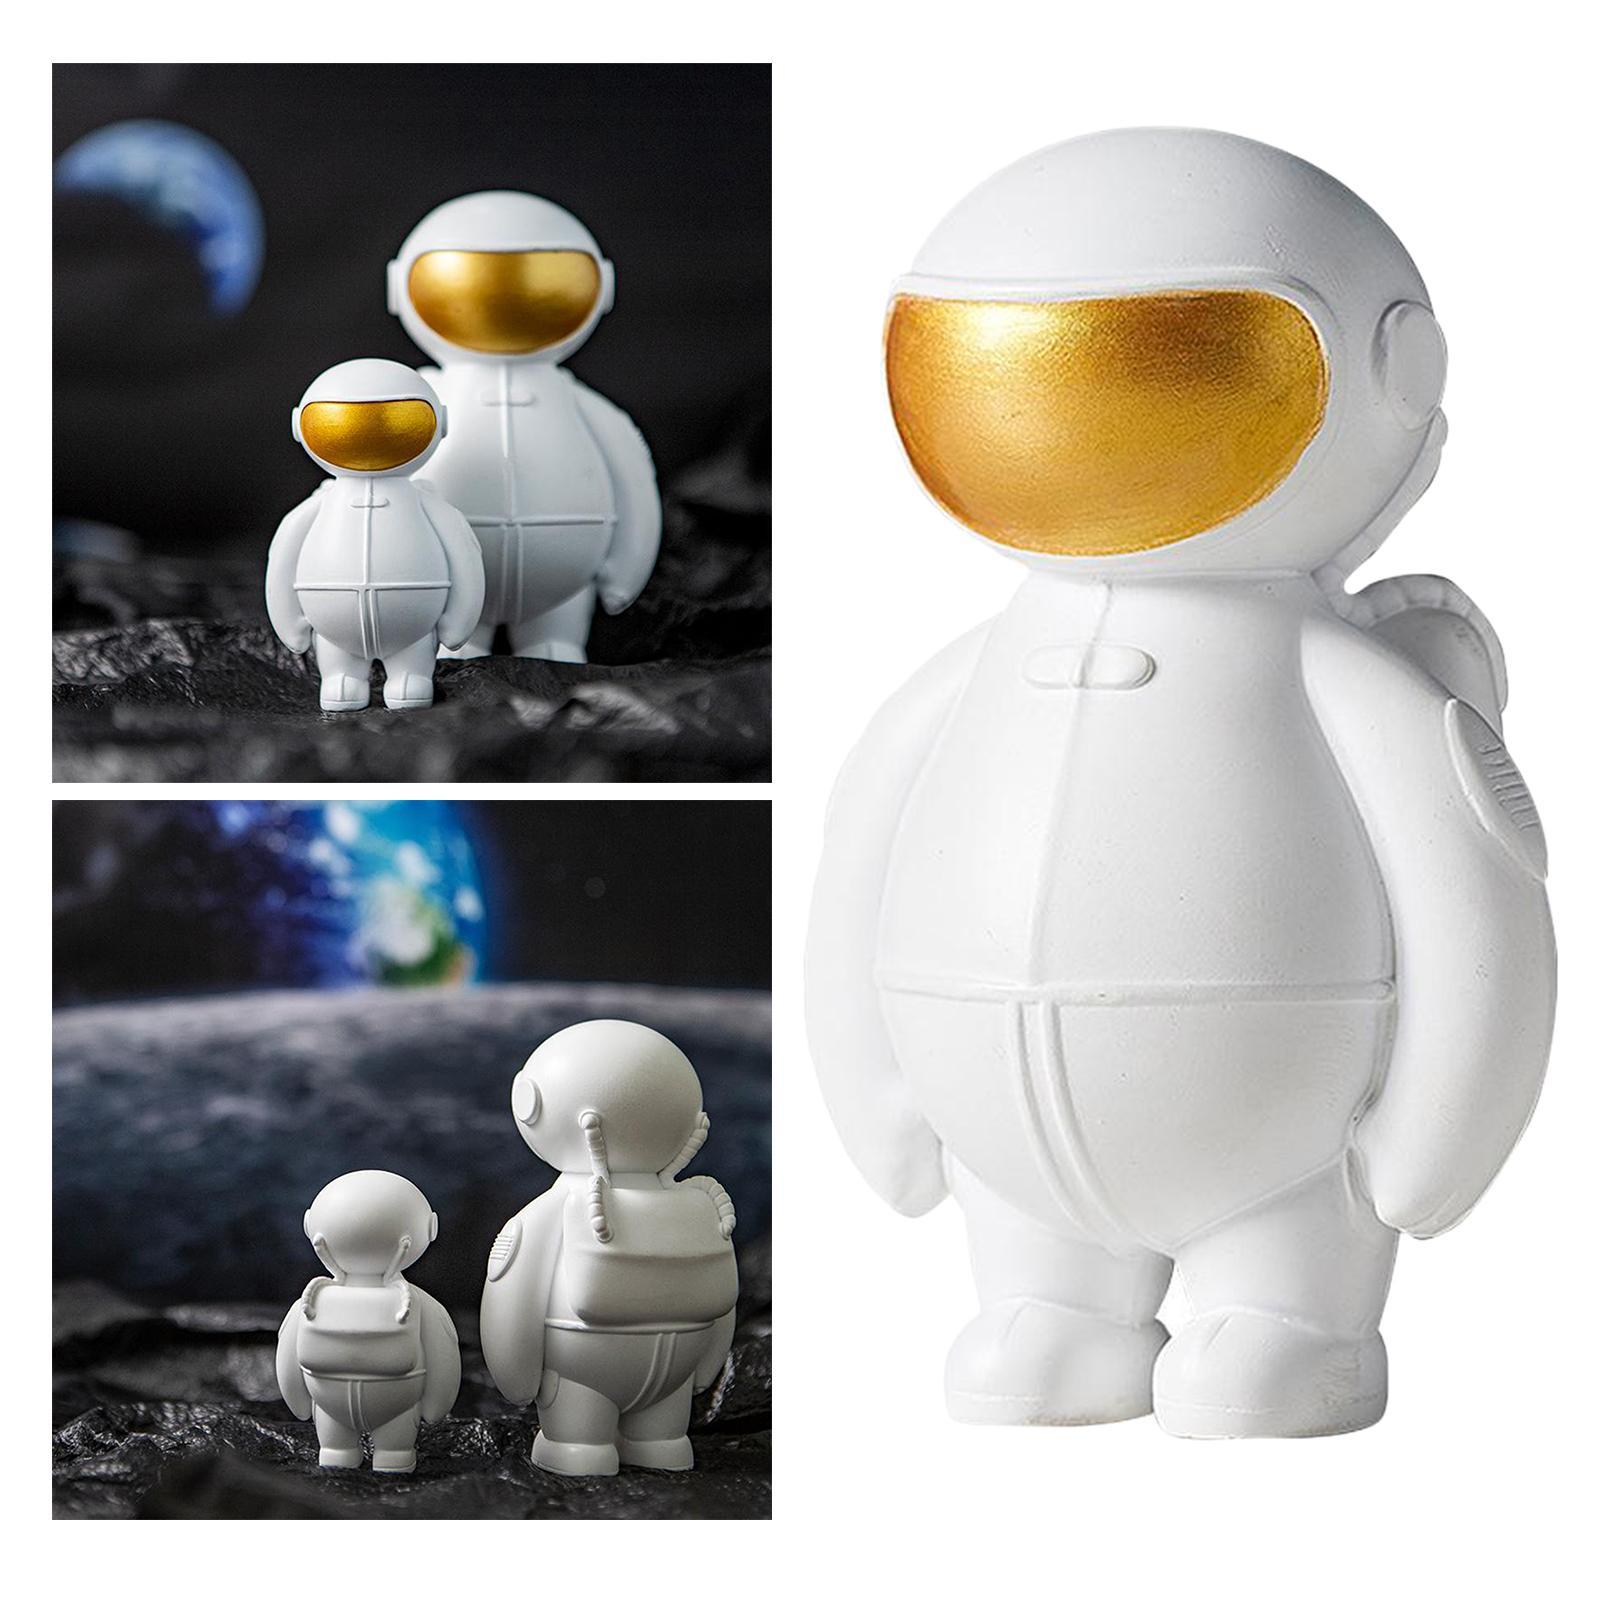 Résine astronaute Figure espace extra-atmosphérique Themed cadeaux Jeux de fête d'anniversaire Enfants Garçons Chambre Chambre Décoration Nouvel An Cadeau de Noël